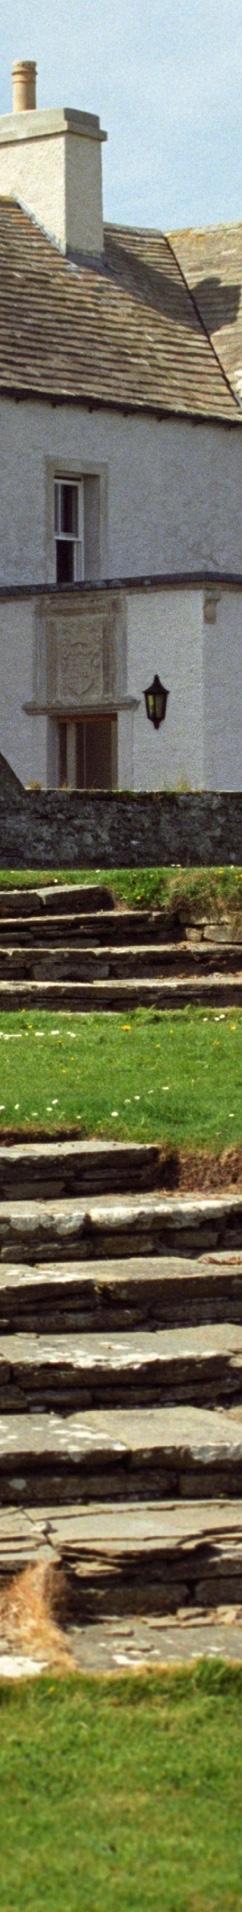 garden-history-left-img